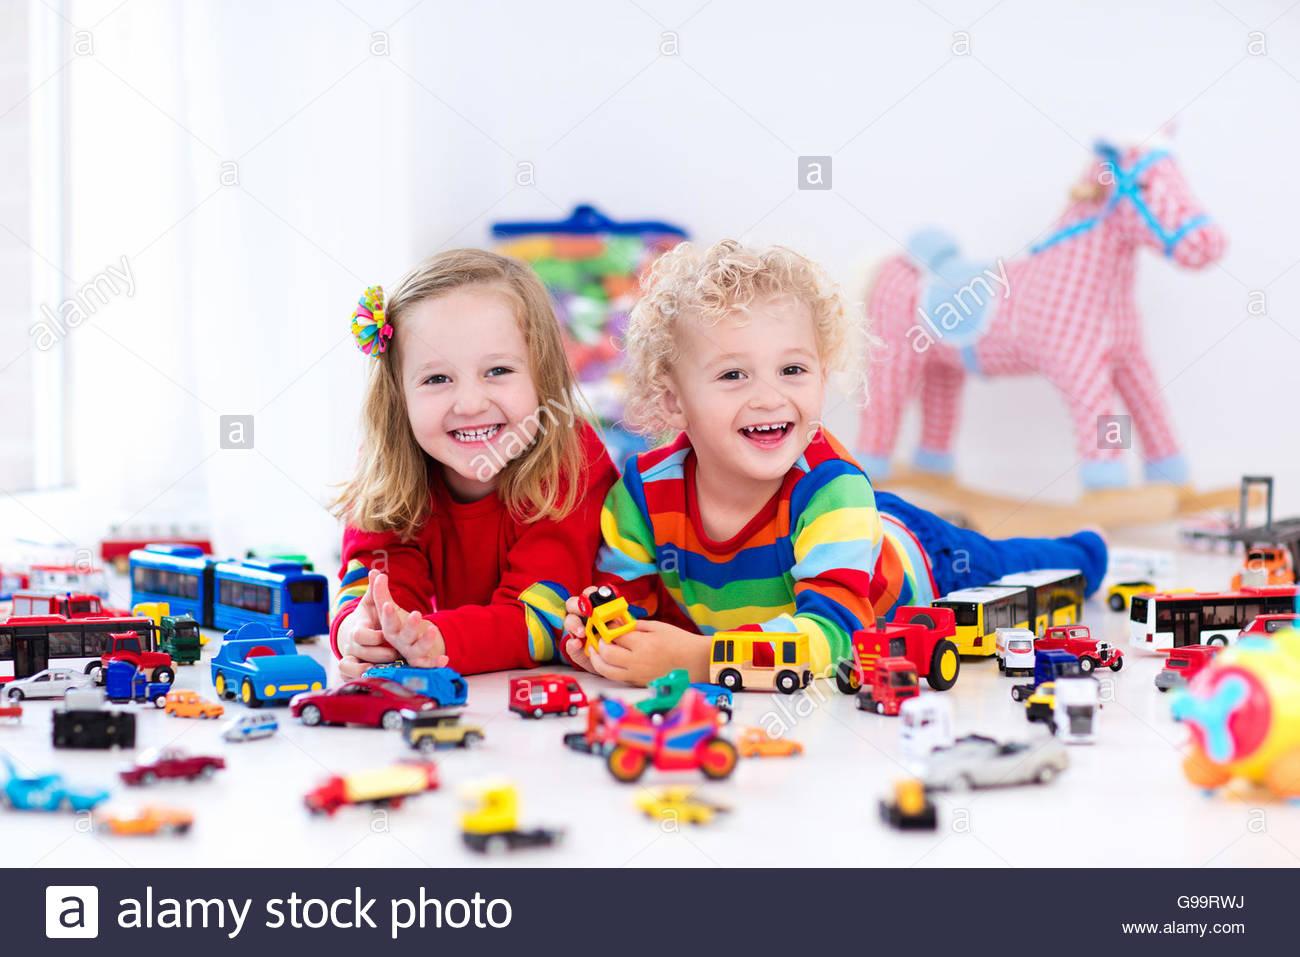 Petit Bébé Garçon Et Fille Jouant Avec Voiture Modèle encequiconcerne Jouet Pour Voiture Bébé